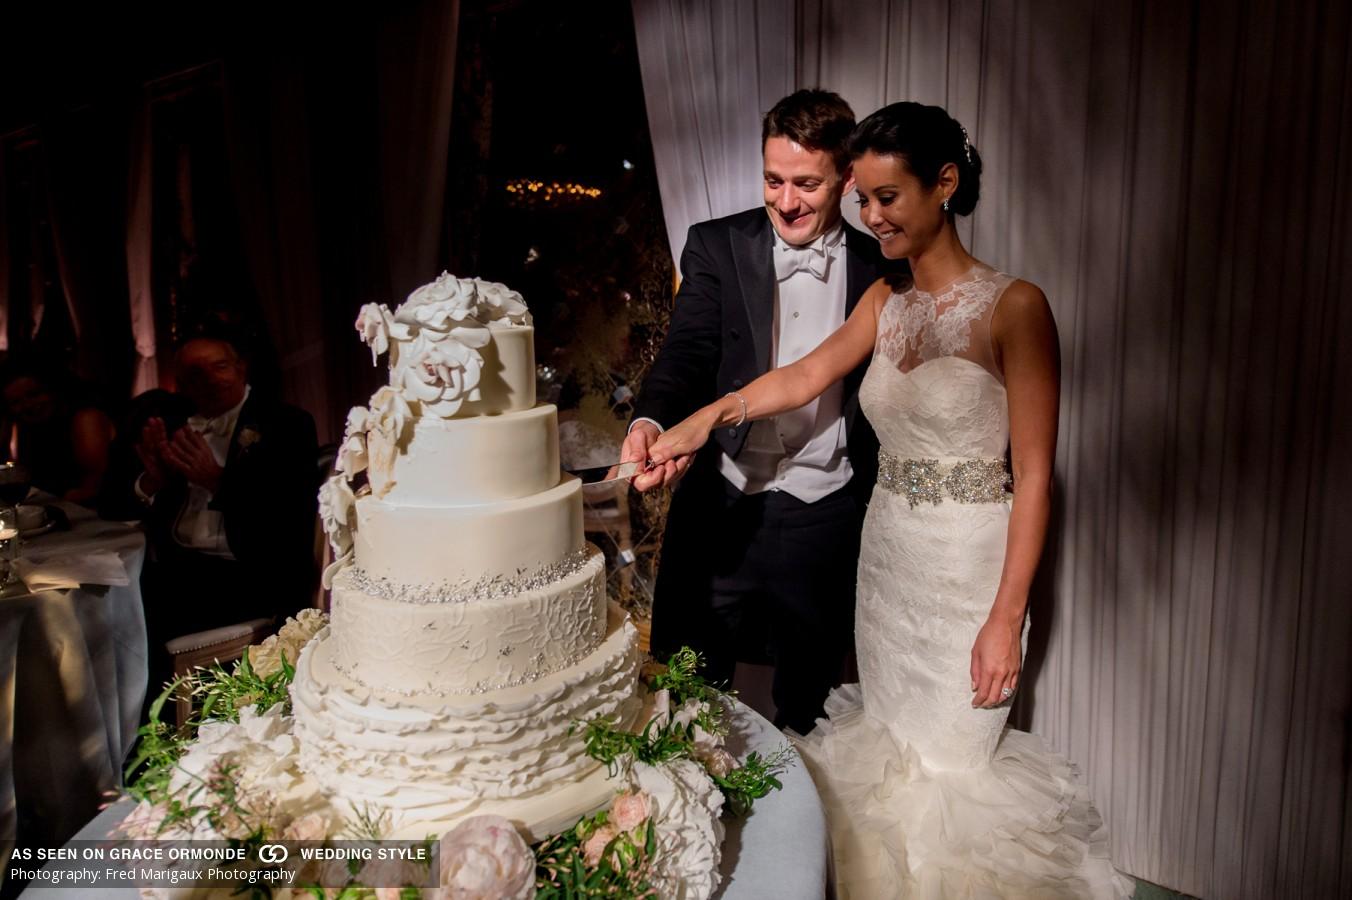 fred-marigaux-wedding-2016-ireland-14.jpg